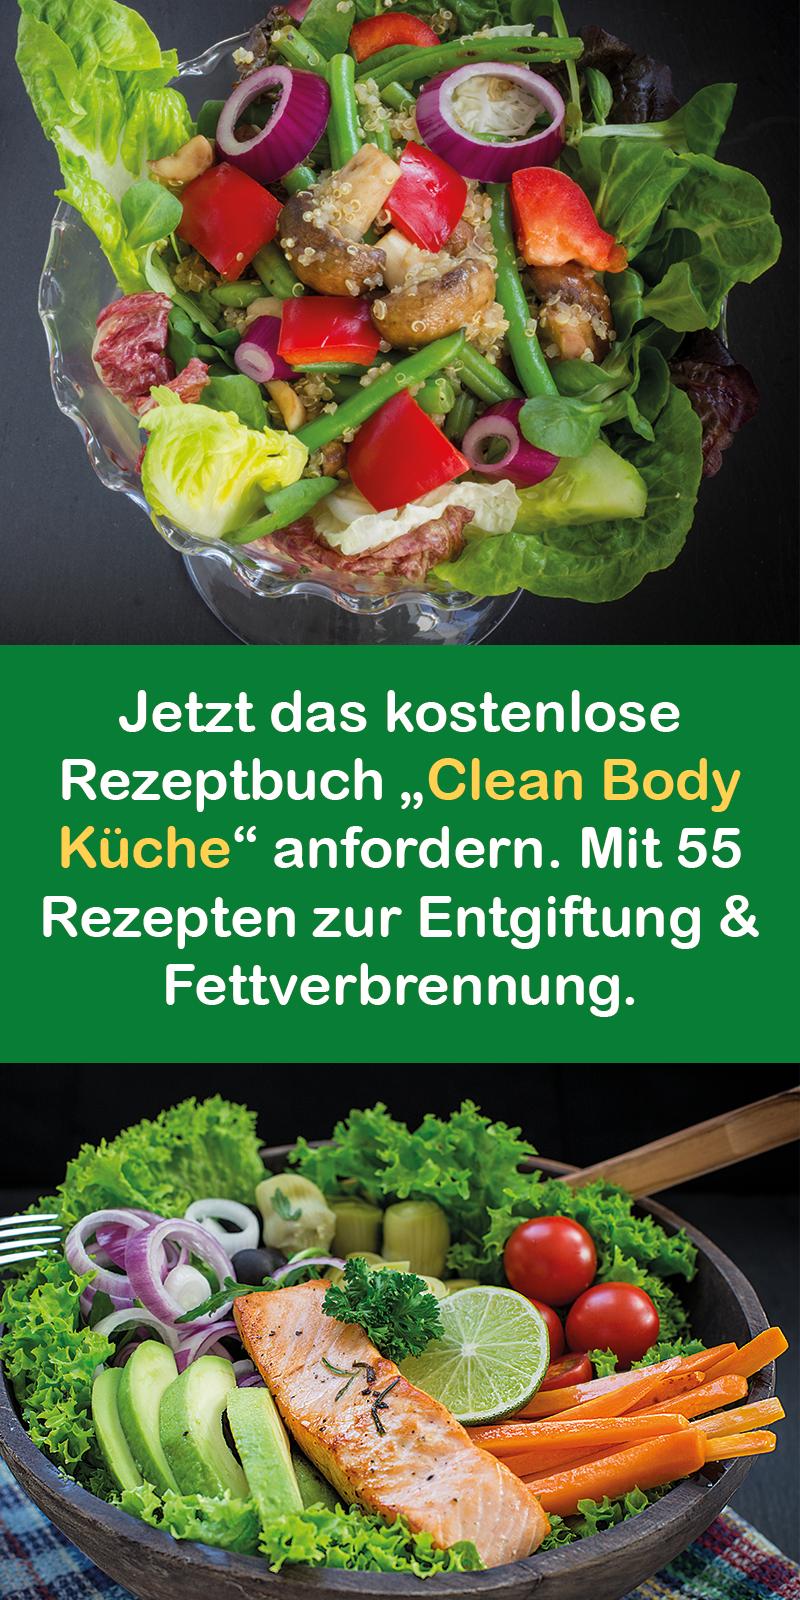 Sichern Sie sich jetzt Ihre kostenlose Ausgabe von Clean Body Küche (Sie zahlen nur Verpackung und Versand). 55 leckere Rezepte zur Entgiftung, Verbrennung von Bauchfett und Steigerung der Energie. #ossobuccorezept